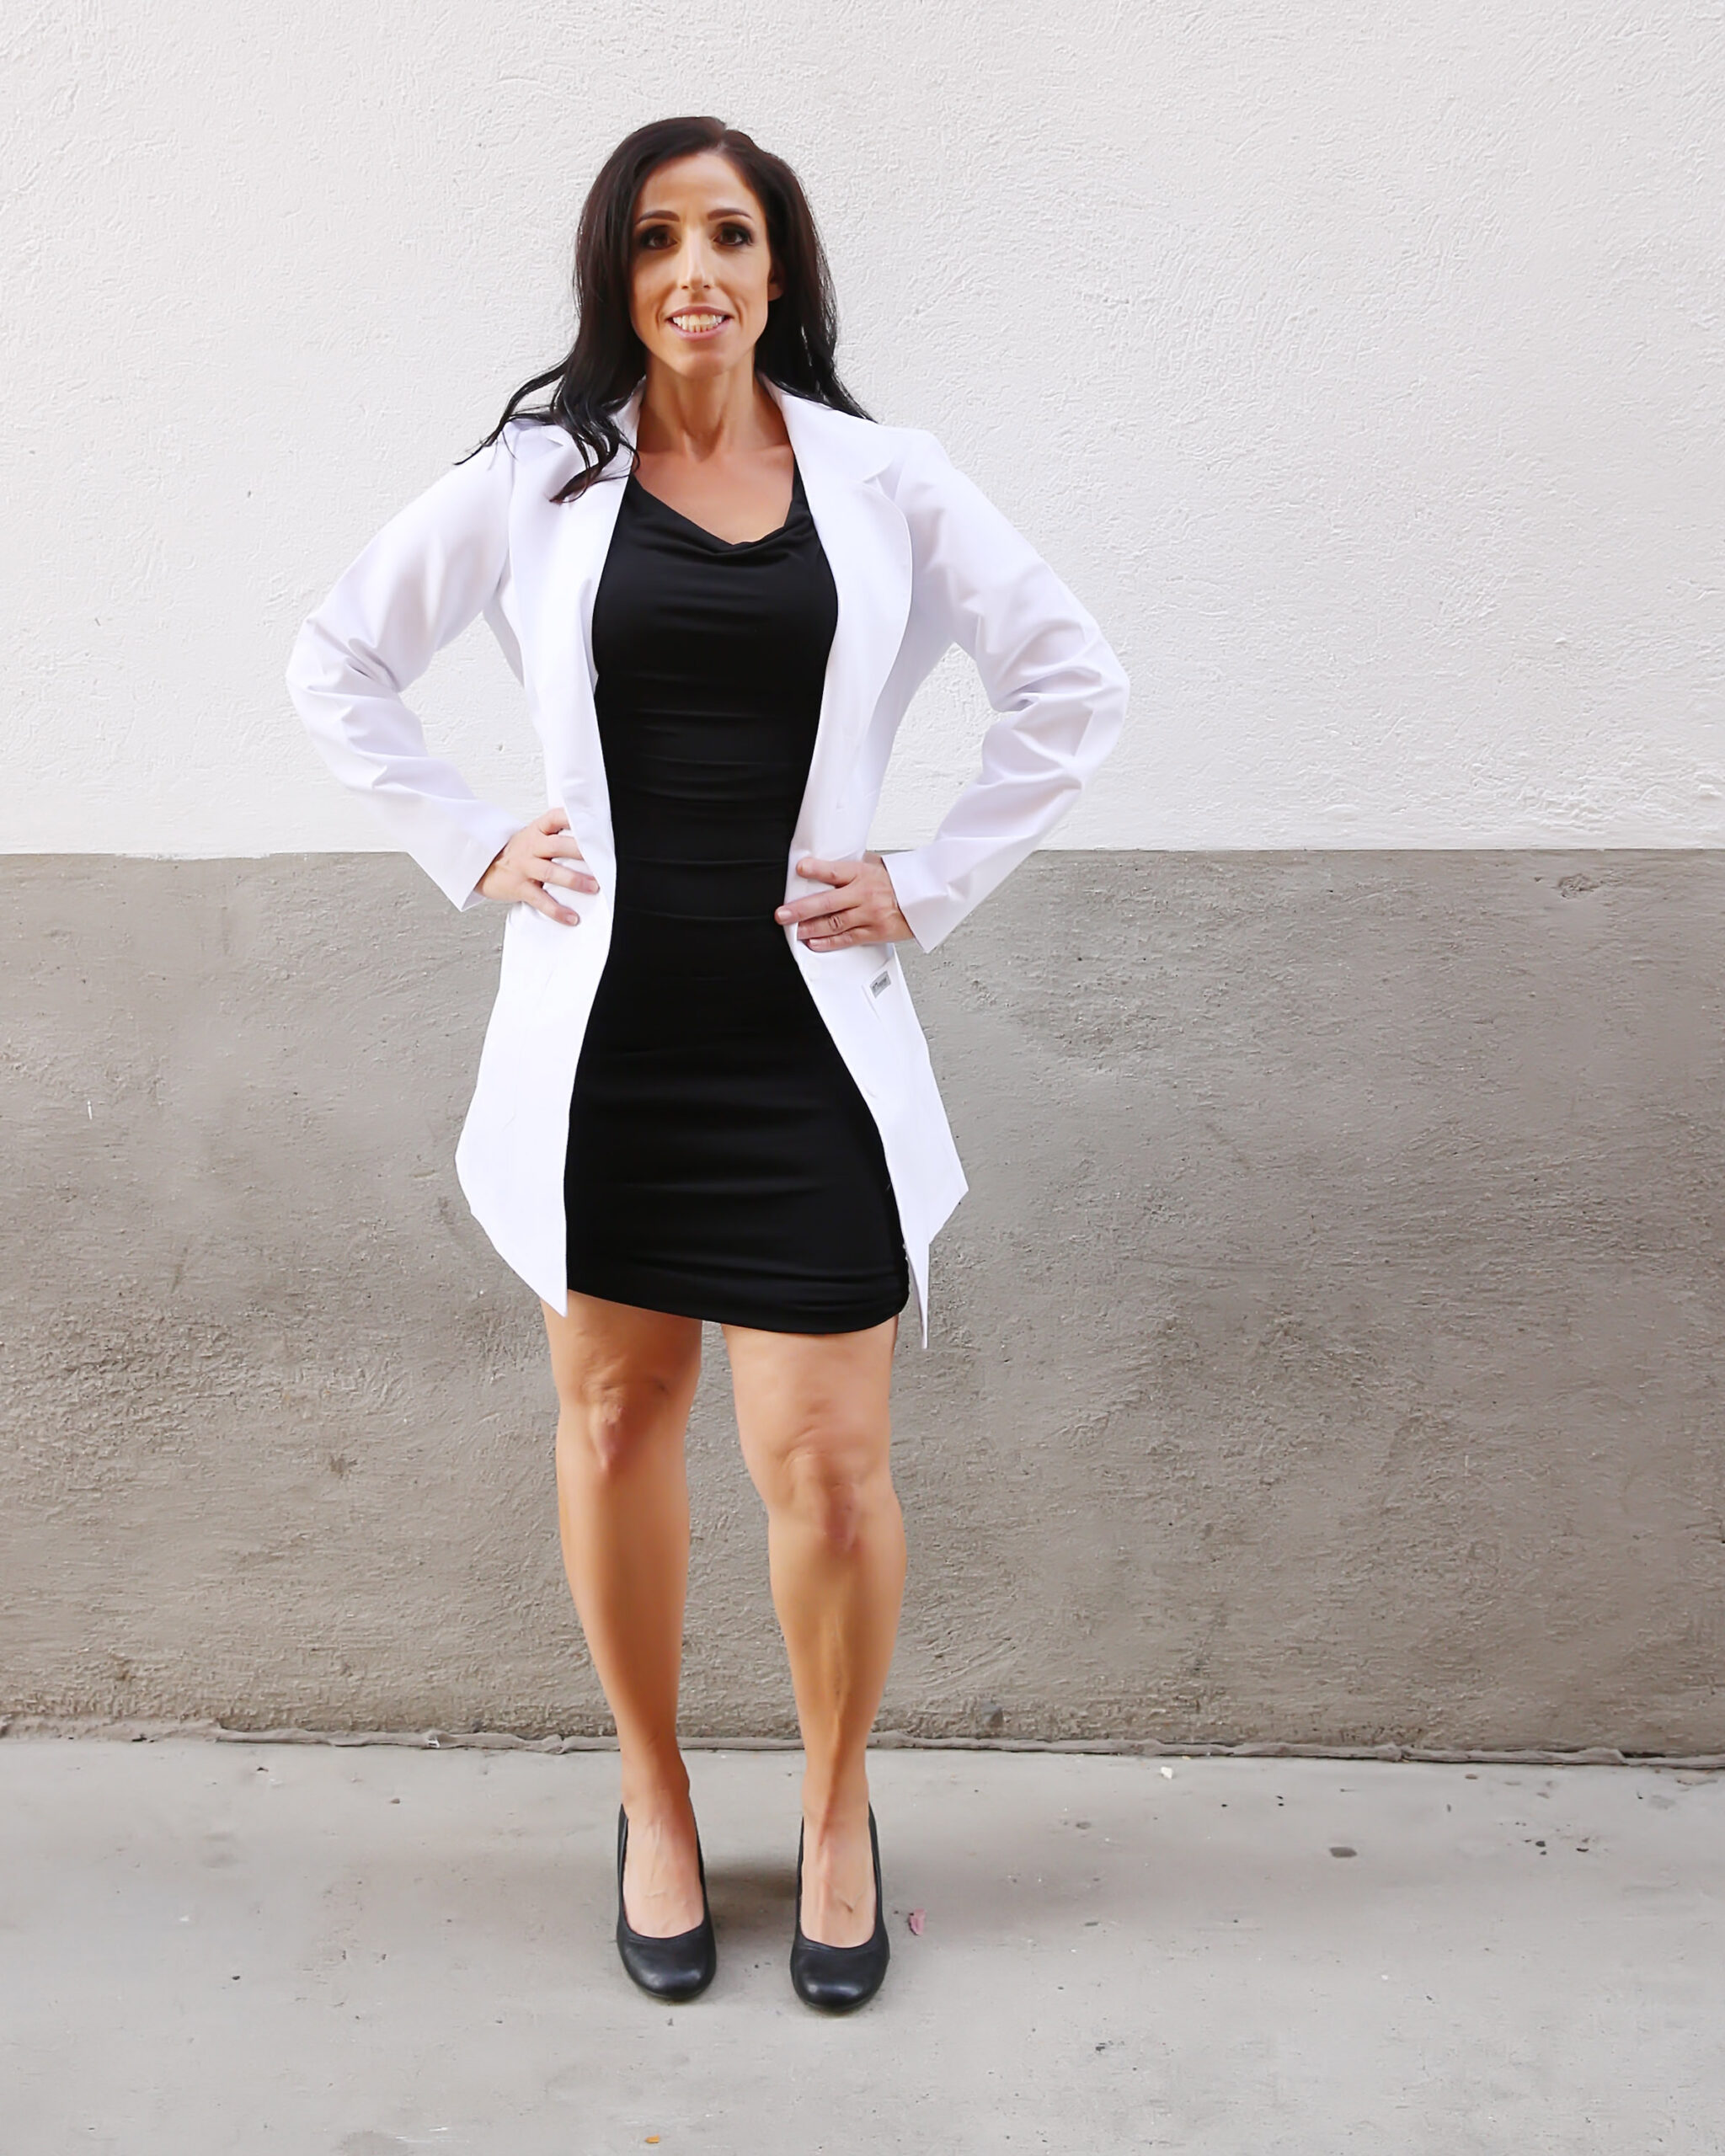 Dr. Michelle